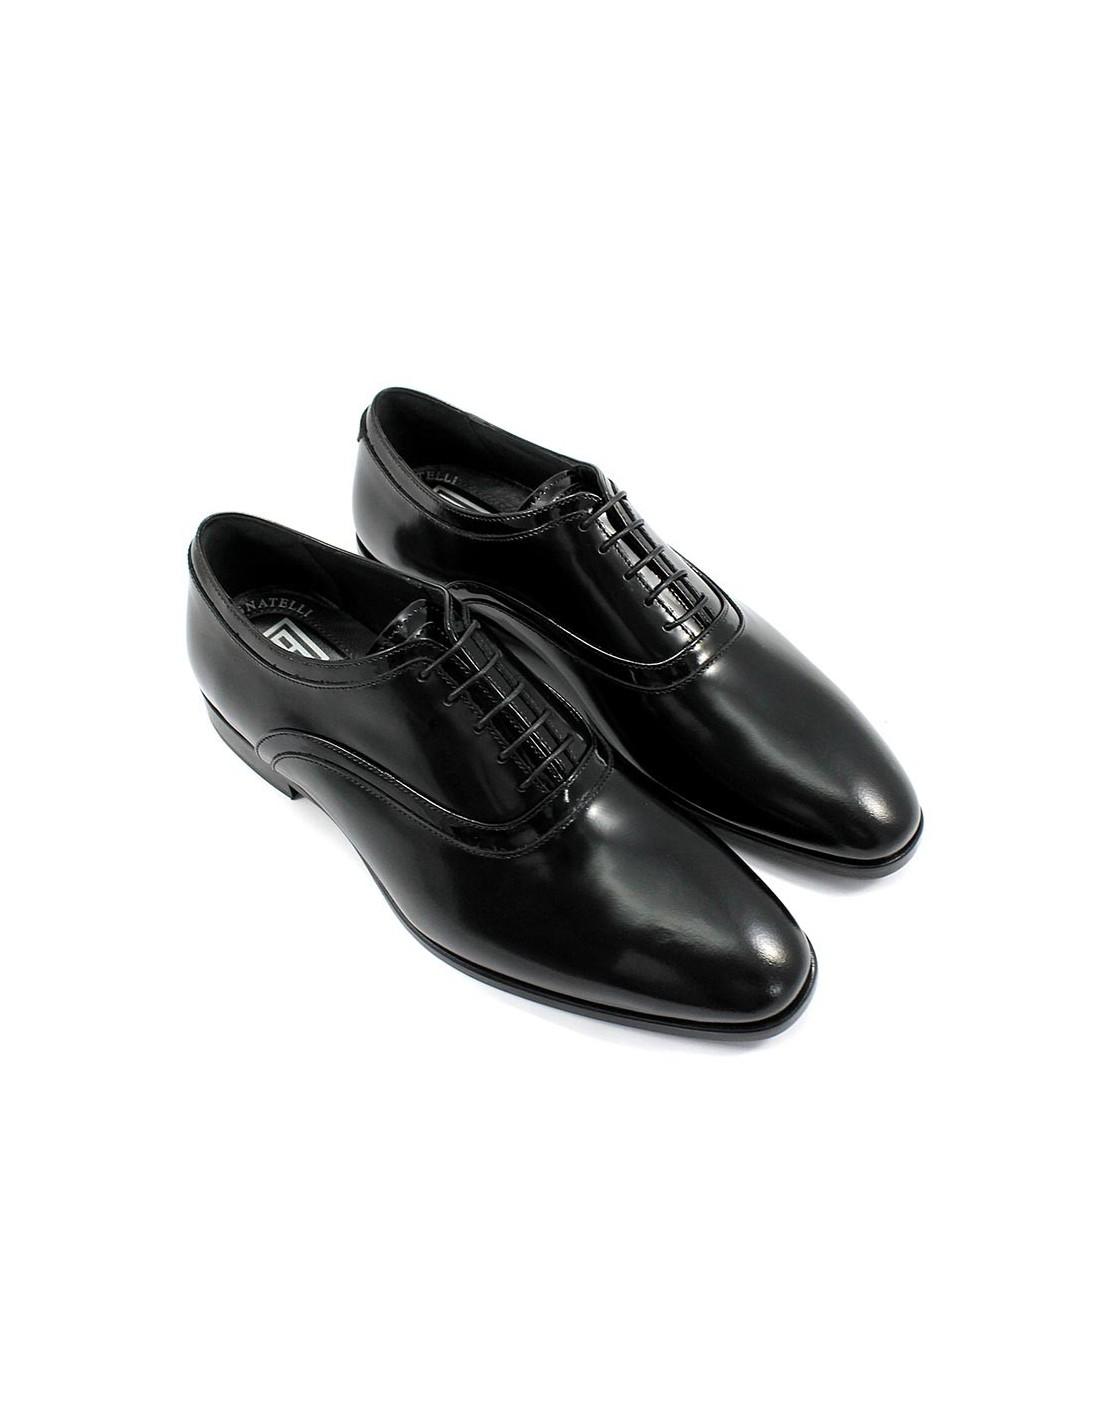 Nuova collezione scarpe da cerimonia Carlo Pignatelli 2016